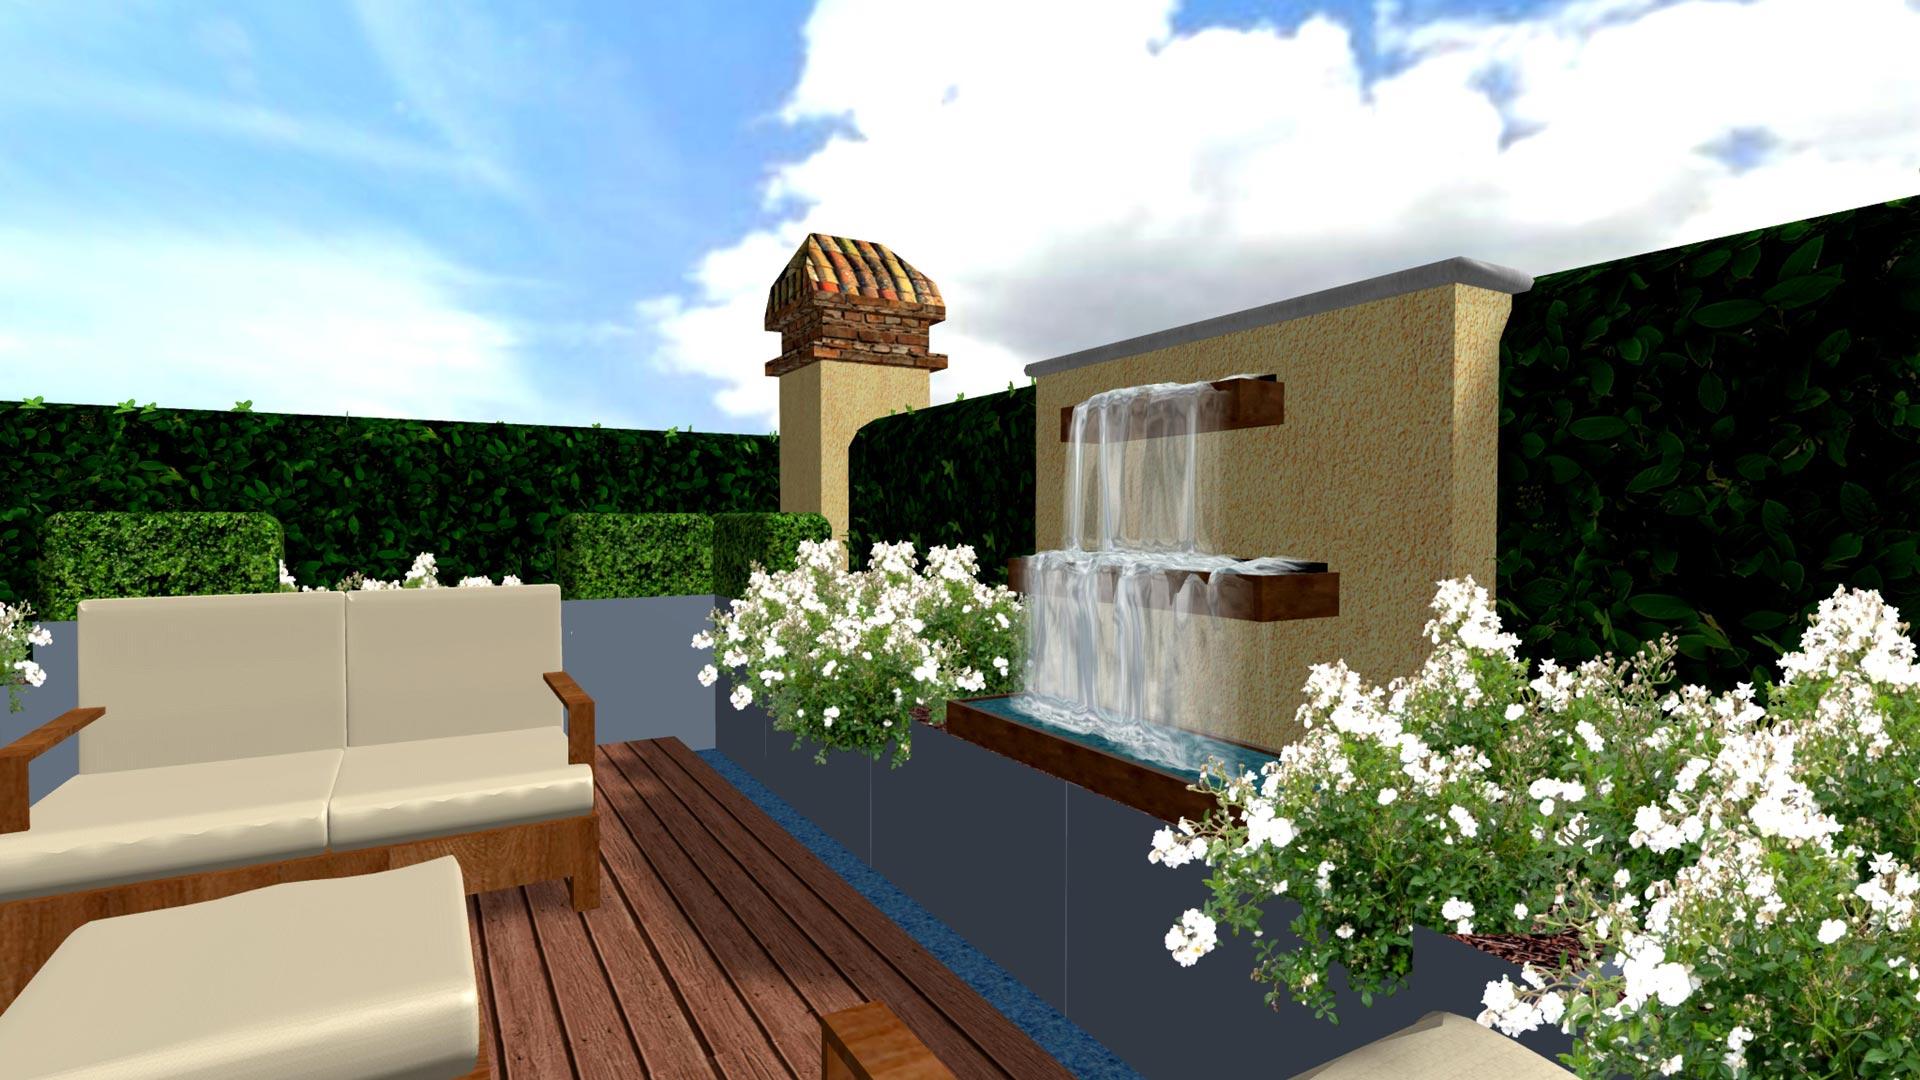 Progetto di una terrazza verde con gioco d\'acqua - Davide Giorgi ...